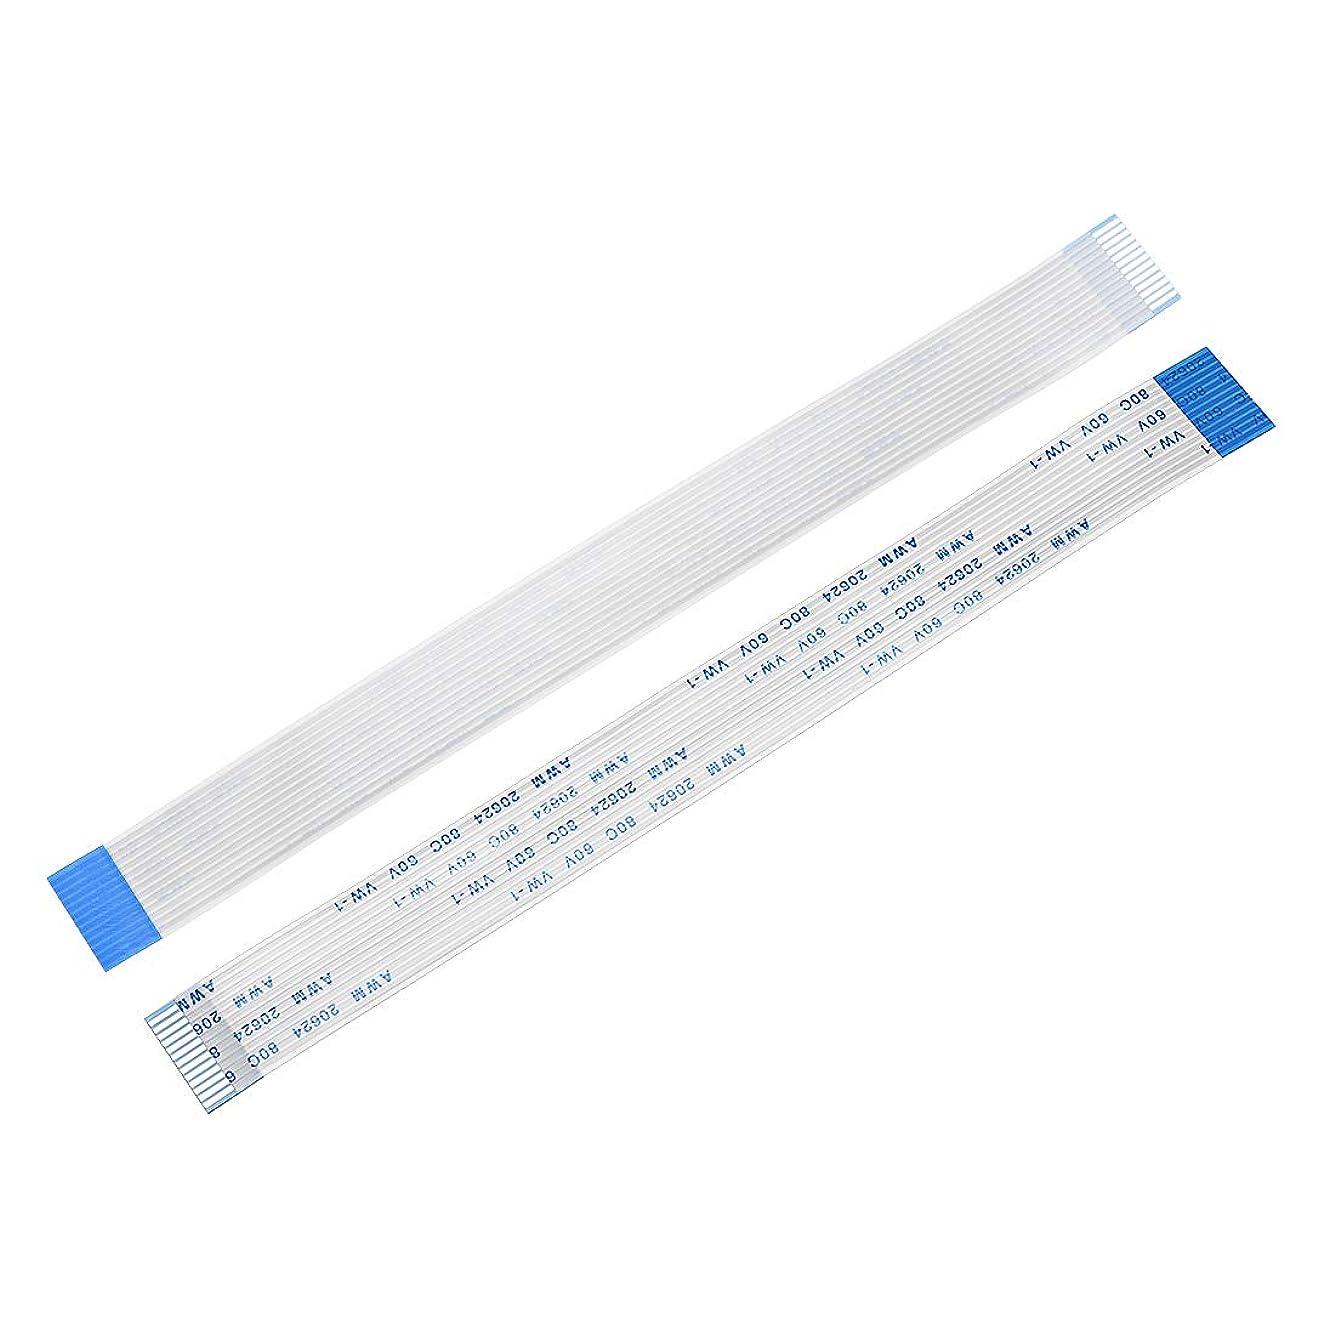 みなさん割り当て金銭的uxcell フレキシブルフラットケーブル 13ピン ピッチ1mm 長さ150mm リボンフラットケーブル 10個入り